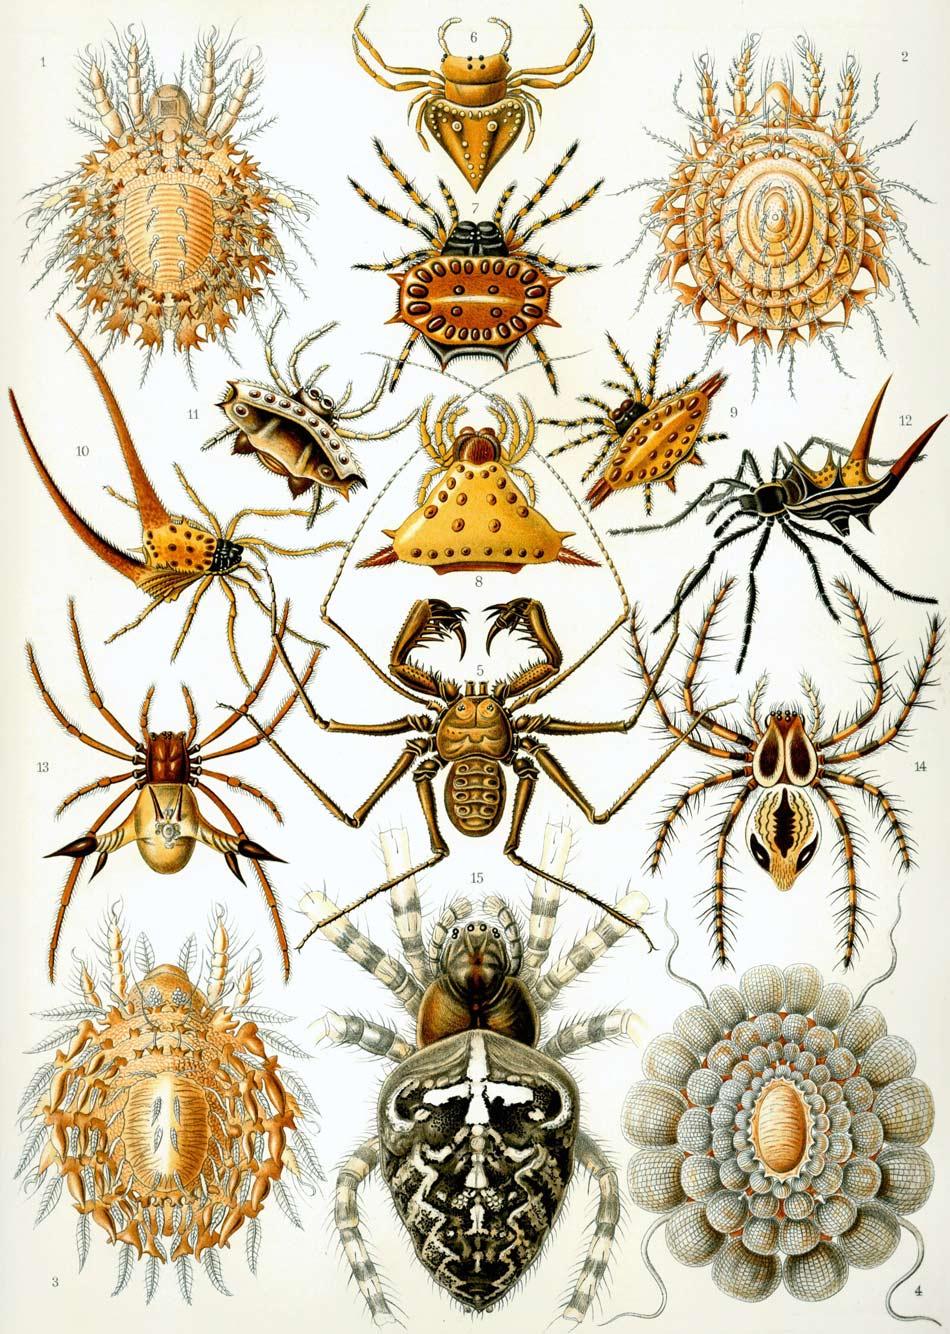 Ilustración de las arañas, Arachnida